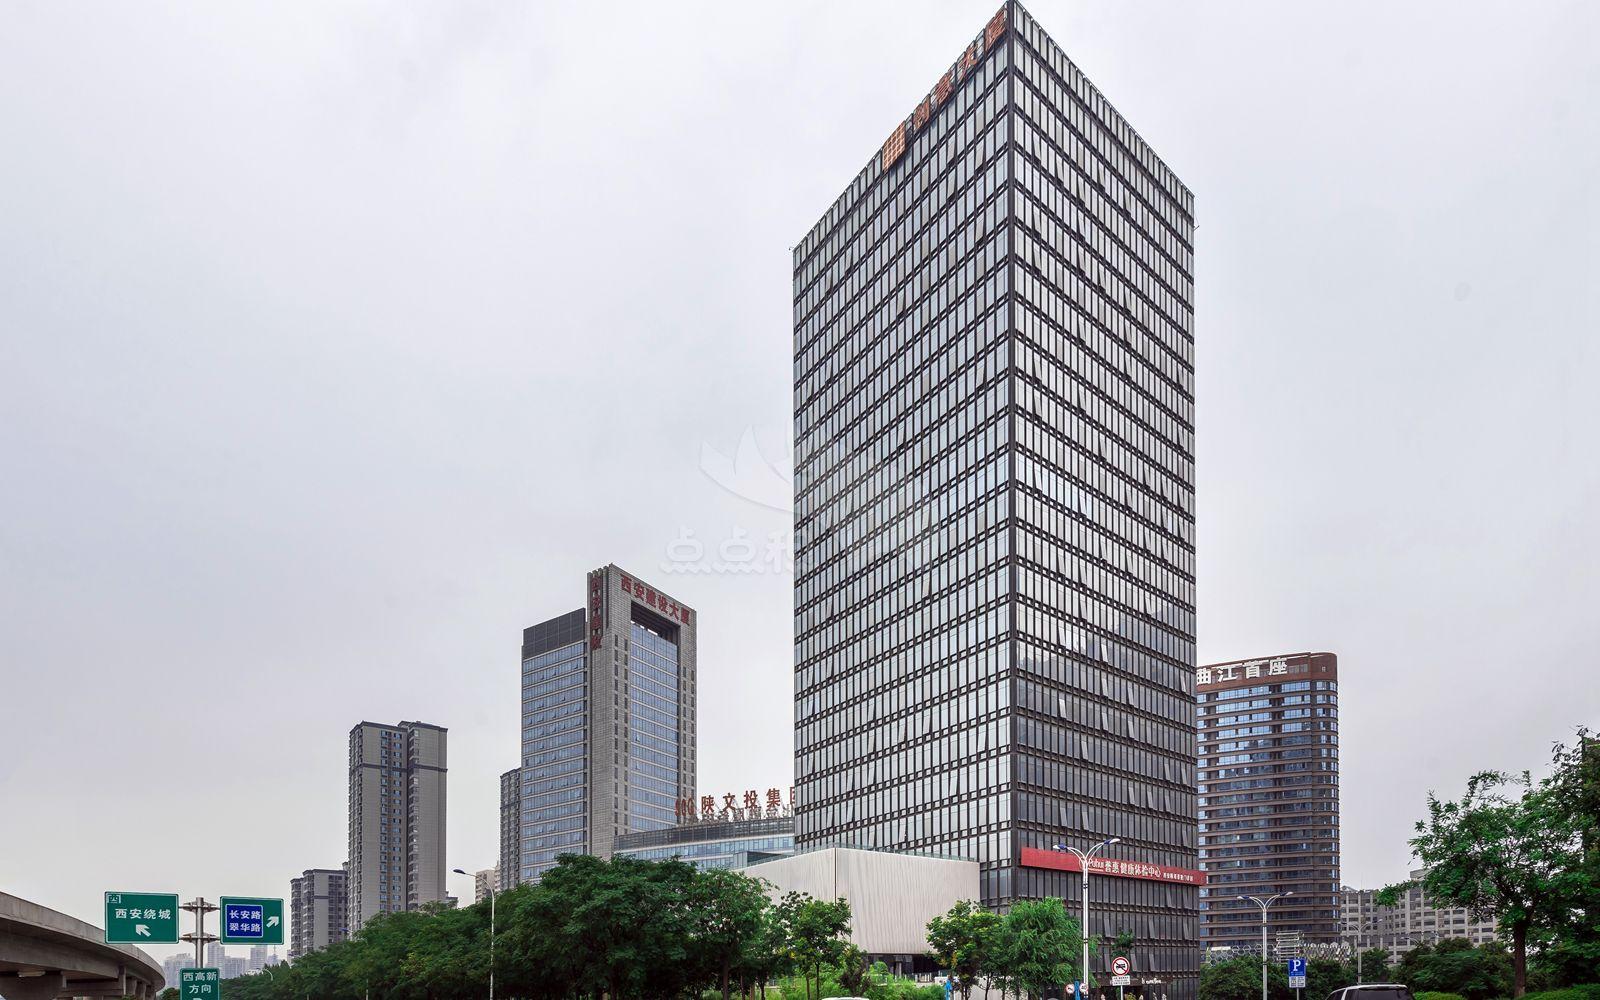 曲江文化创意大厦